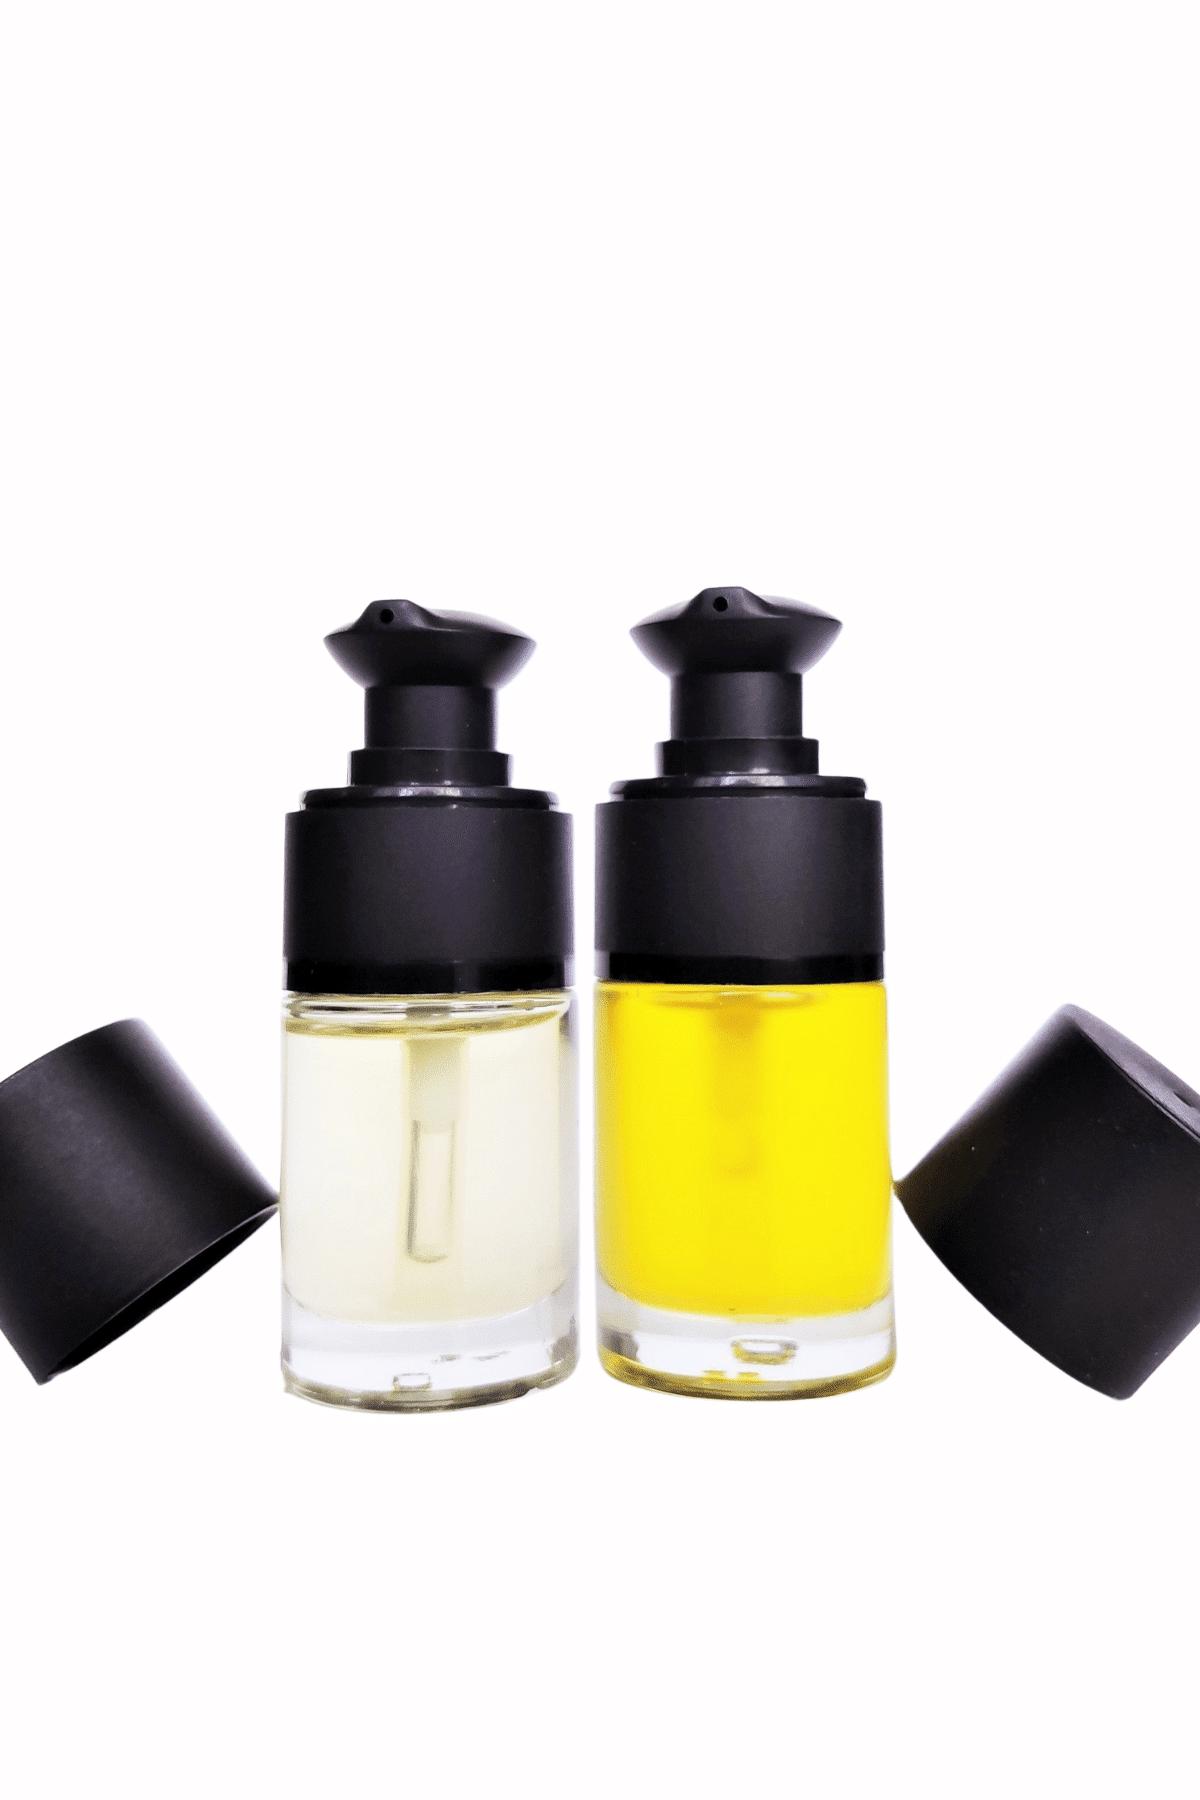 Loesia maquillage biologique et naturel fabriqué en France. Démaquillant 100% naturel, 99,8% biologique et fabriqué en France.